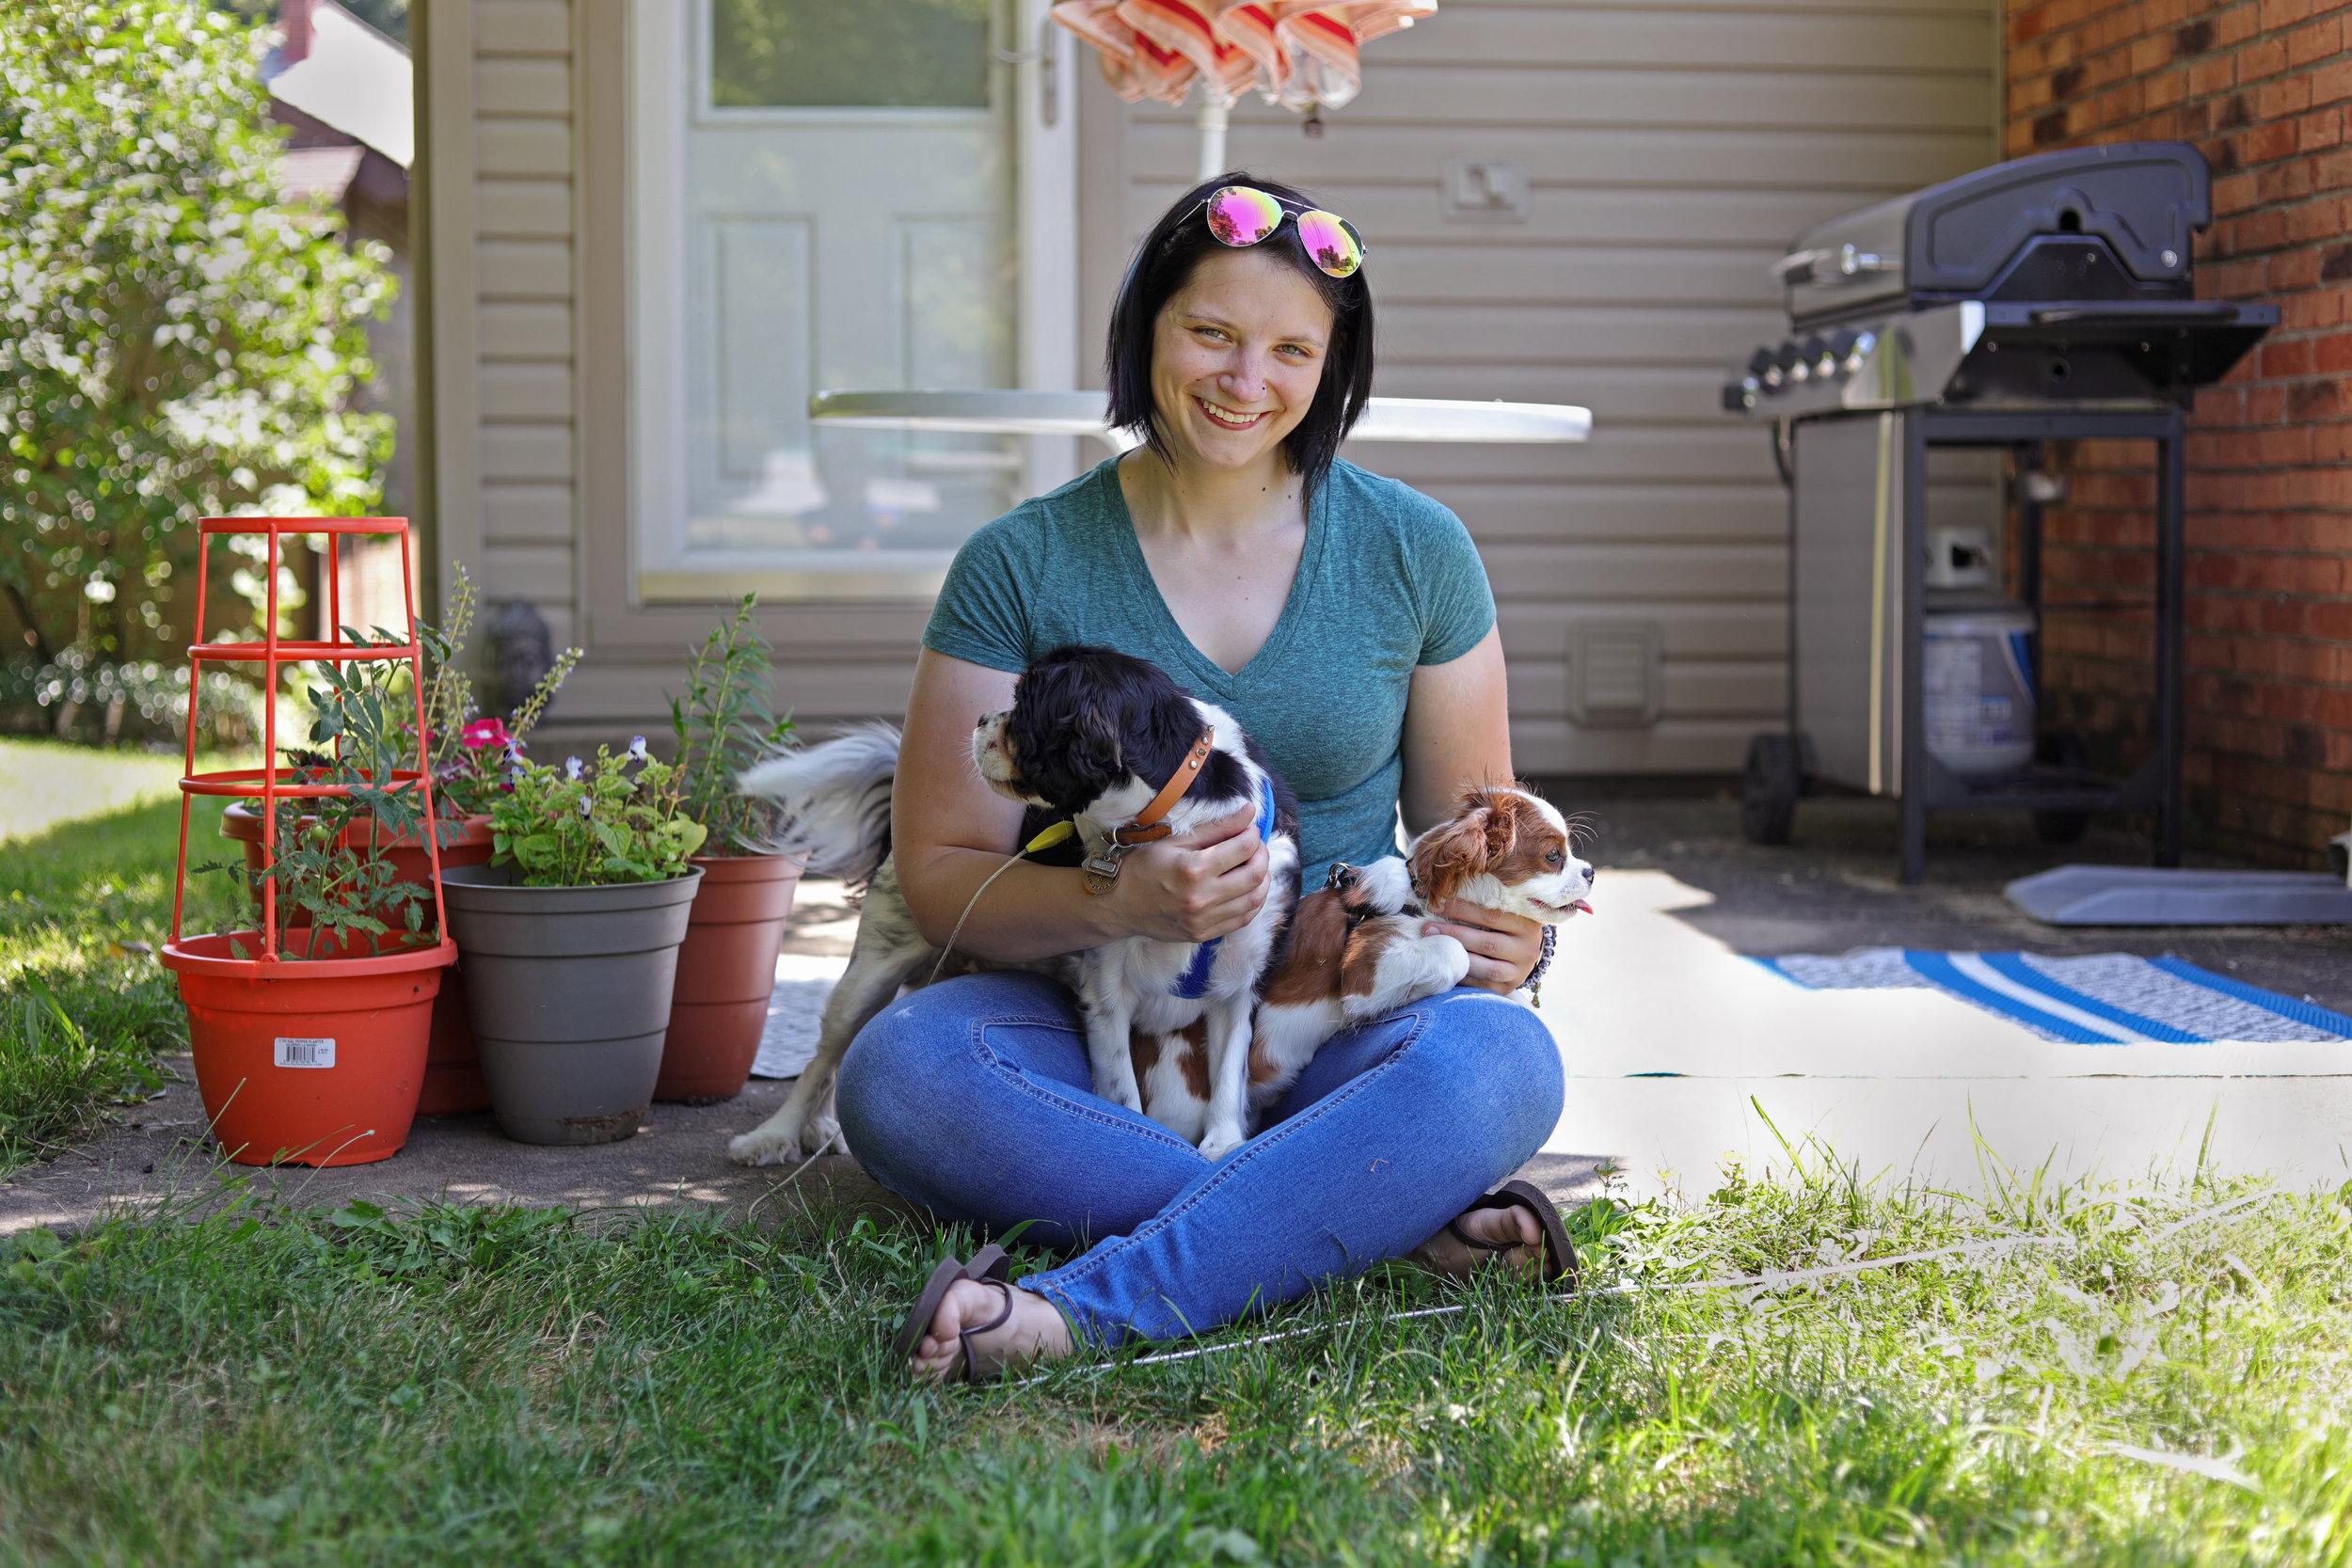 180714_AG&Dogs_01fullsz.jpg